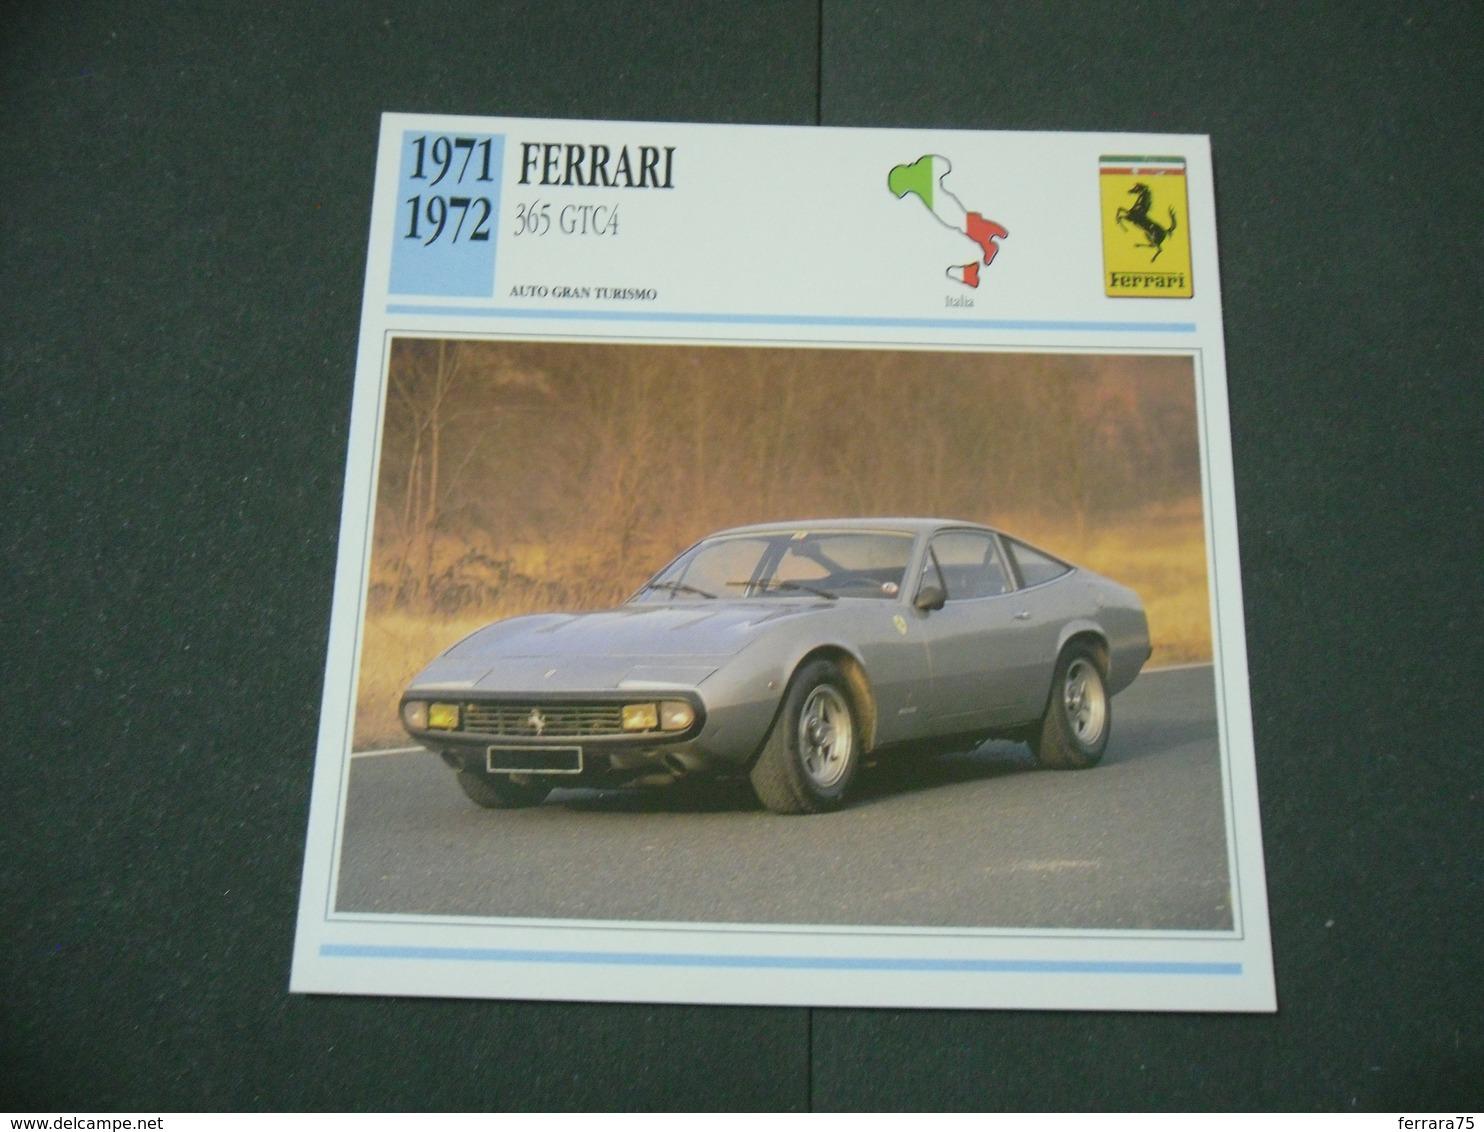 CARTOLINA CARD SCHEDA TECNICA  AUTO  CARS FERRARI 365 GTC4 - Altre Collezioni